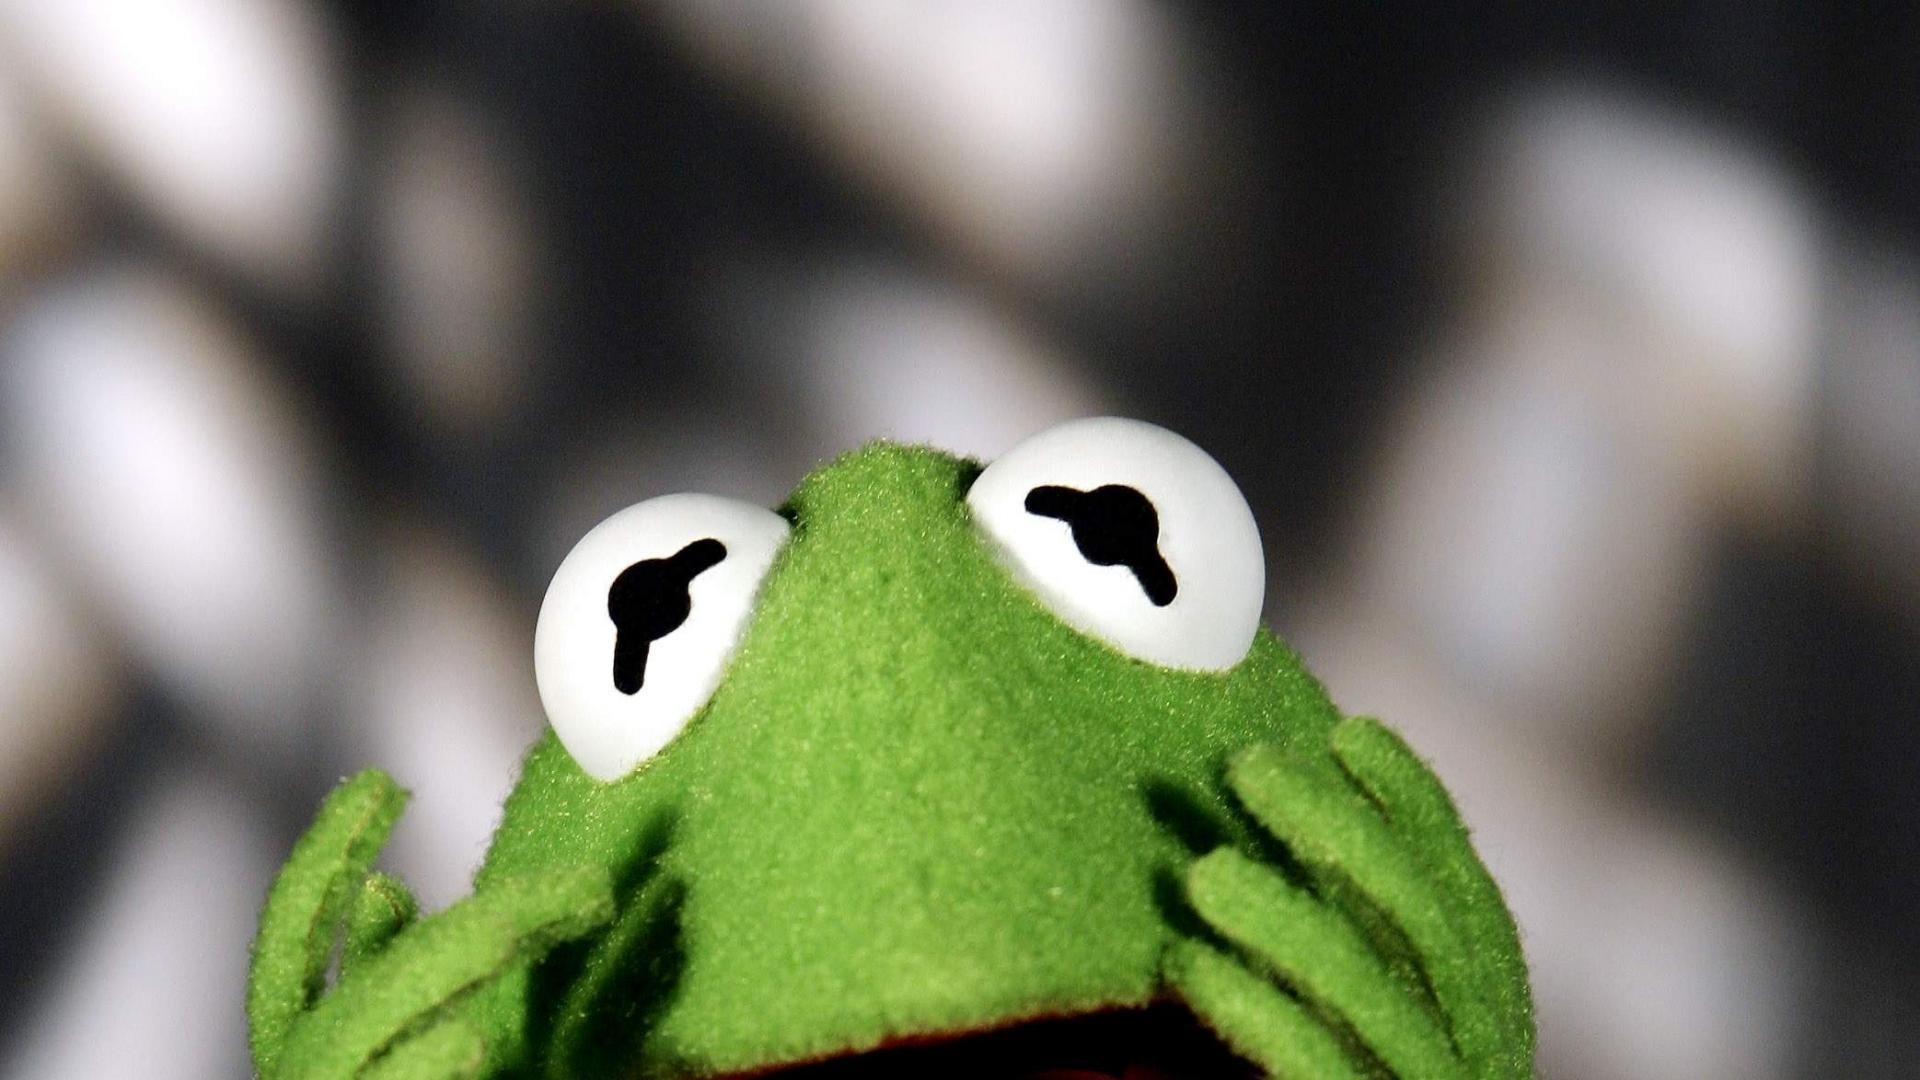 kermit the frog wallpaper